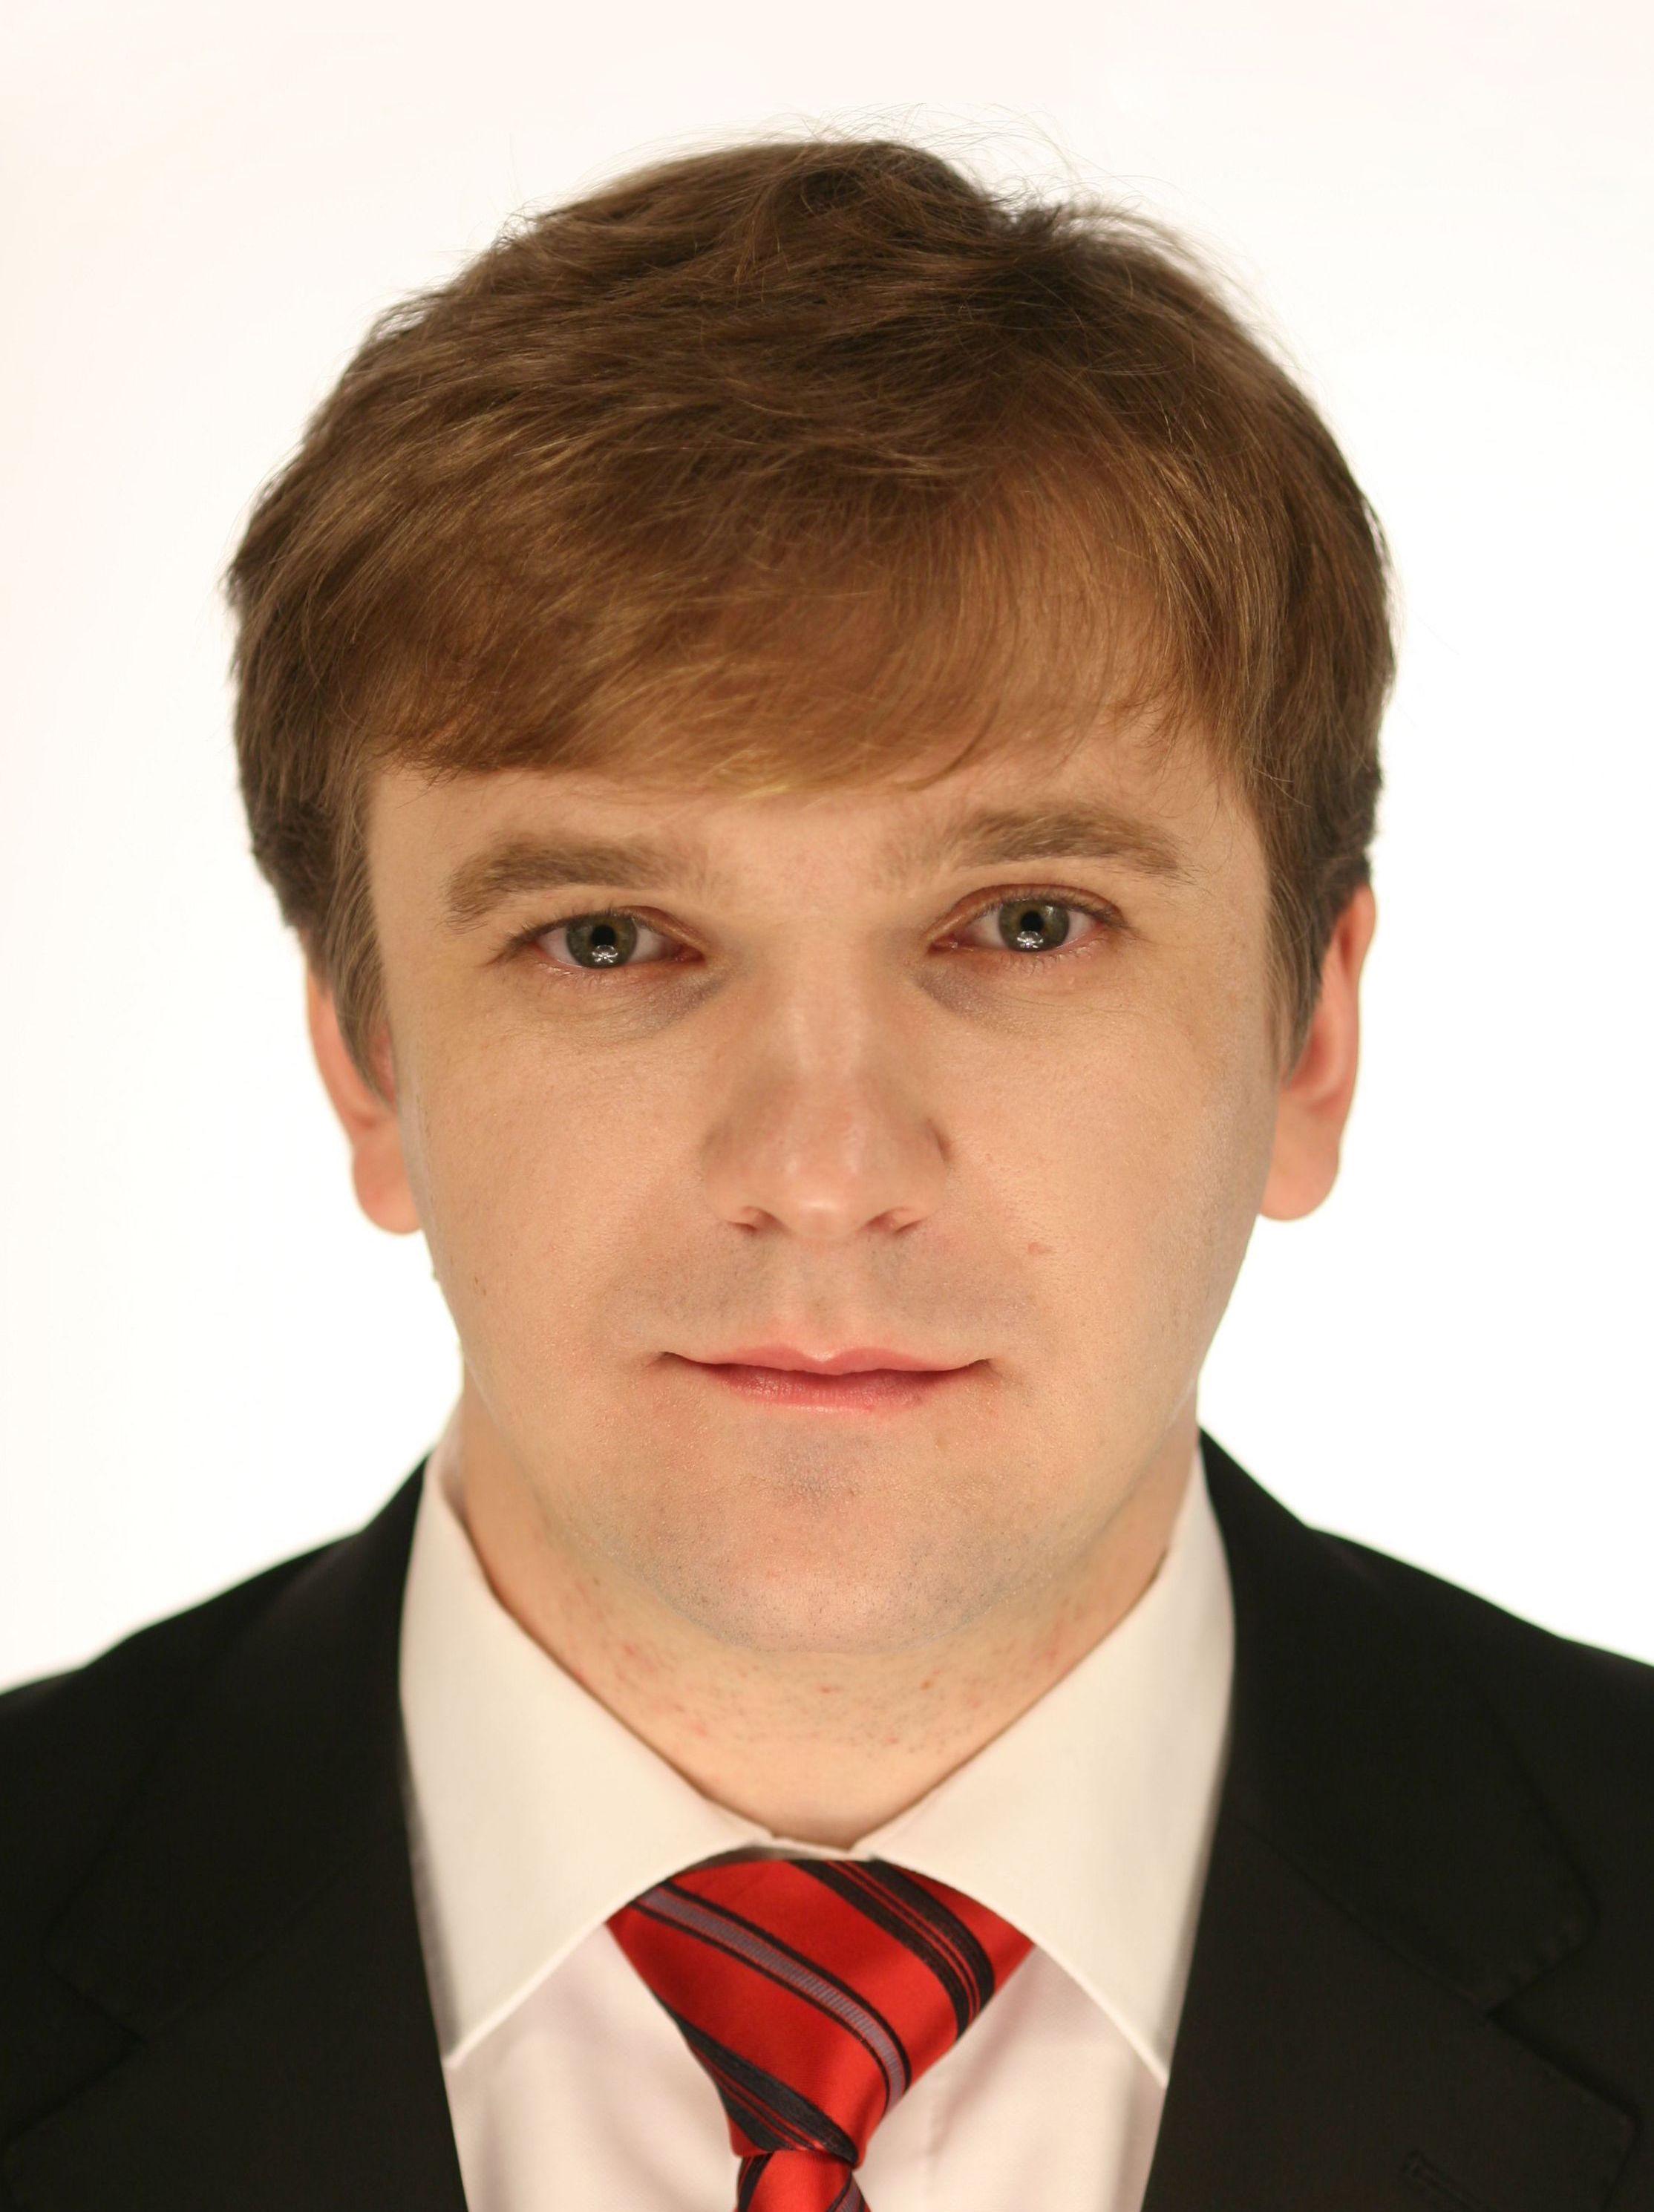 Начальник лаборатории ФГУП НИИР, к.э.н. Евгений Девяткин